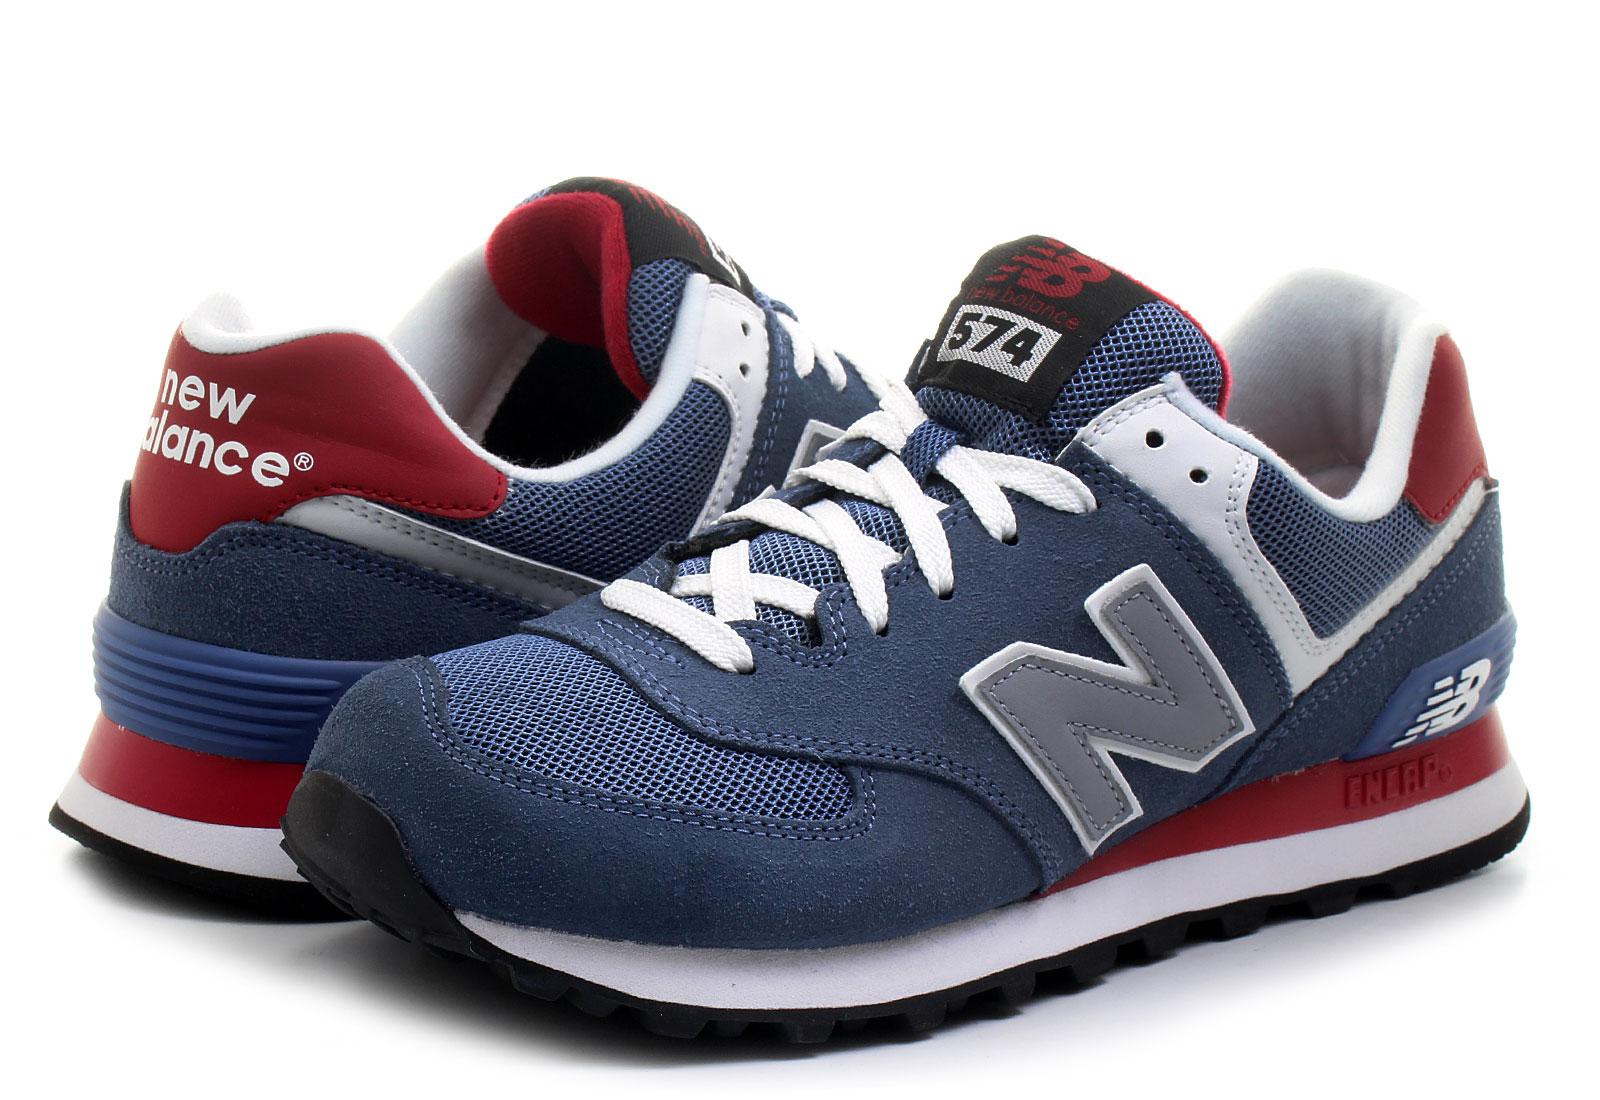 c68254747 New Balance Topánky - Ml574 - ML574CPJ - Tenisky, Topánky, Čižmy ...